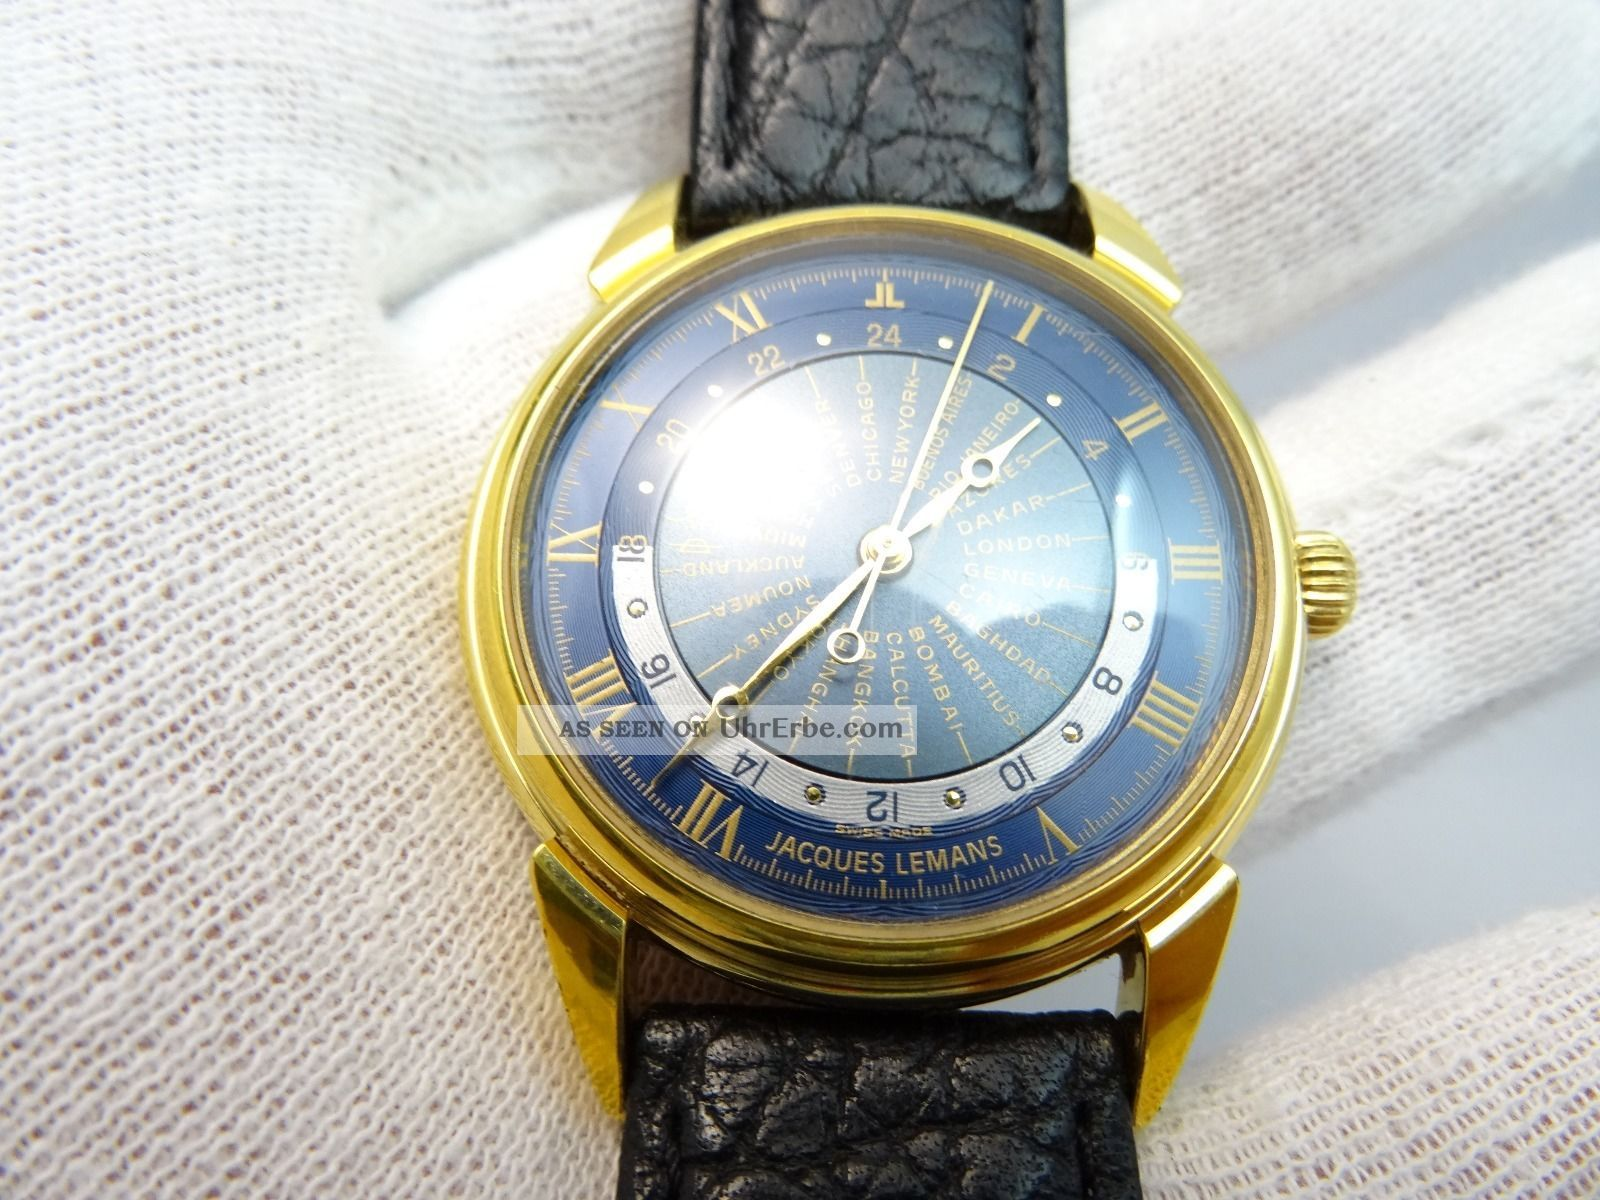 Jacques Lemans Herrenarmbanduhr,  Automatic,  Blaues Weltzeitzifferblatt Armbanduhren Bild